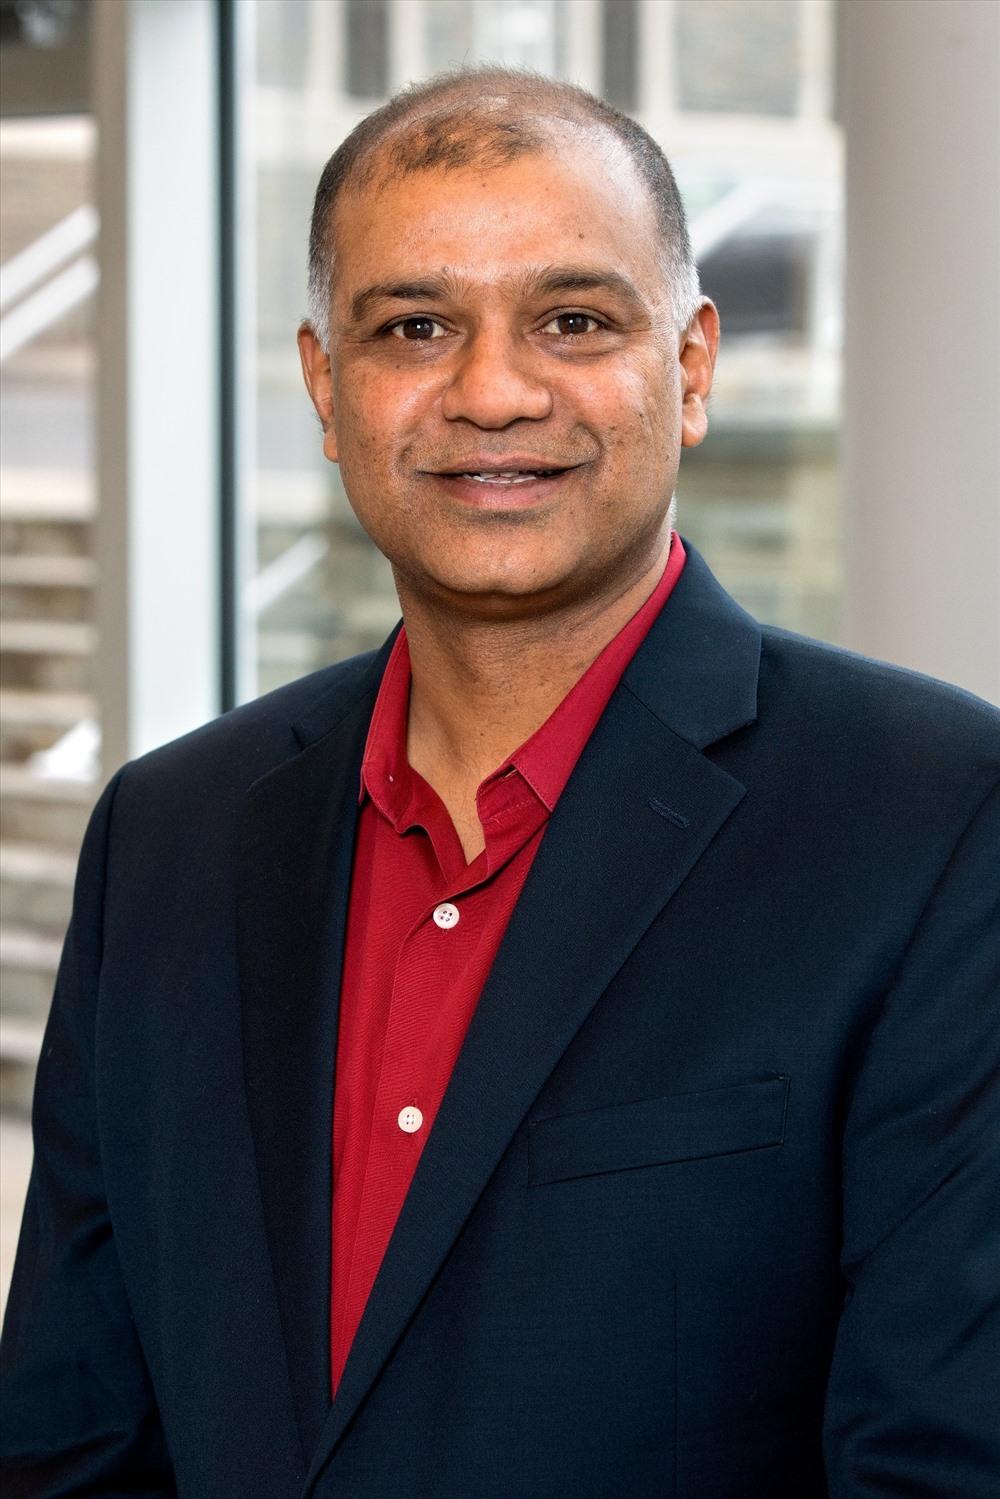 Ông Rohit Verma, Hiệu trưởng, phụ trách đối ngoại, trường Quản trị kinh doanh SC Johnson, Đại học Cormell